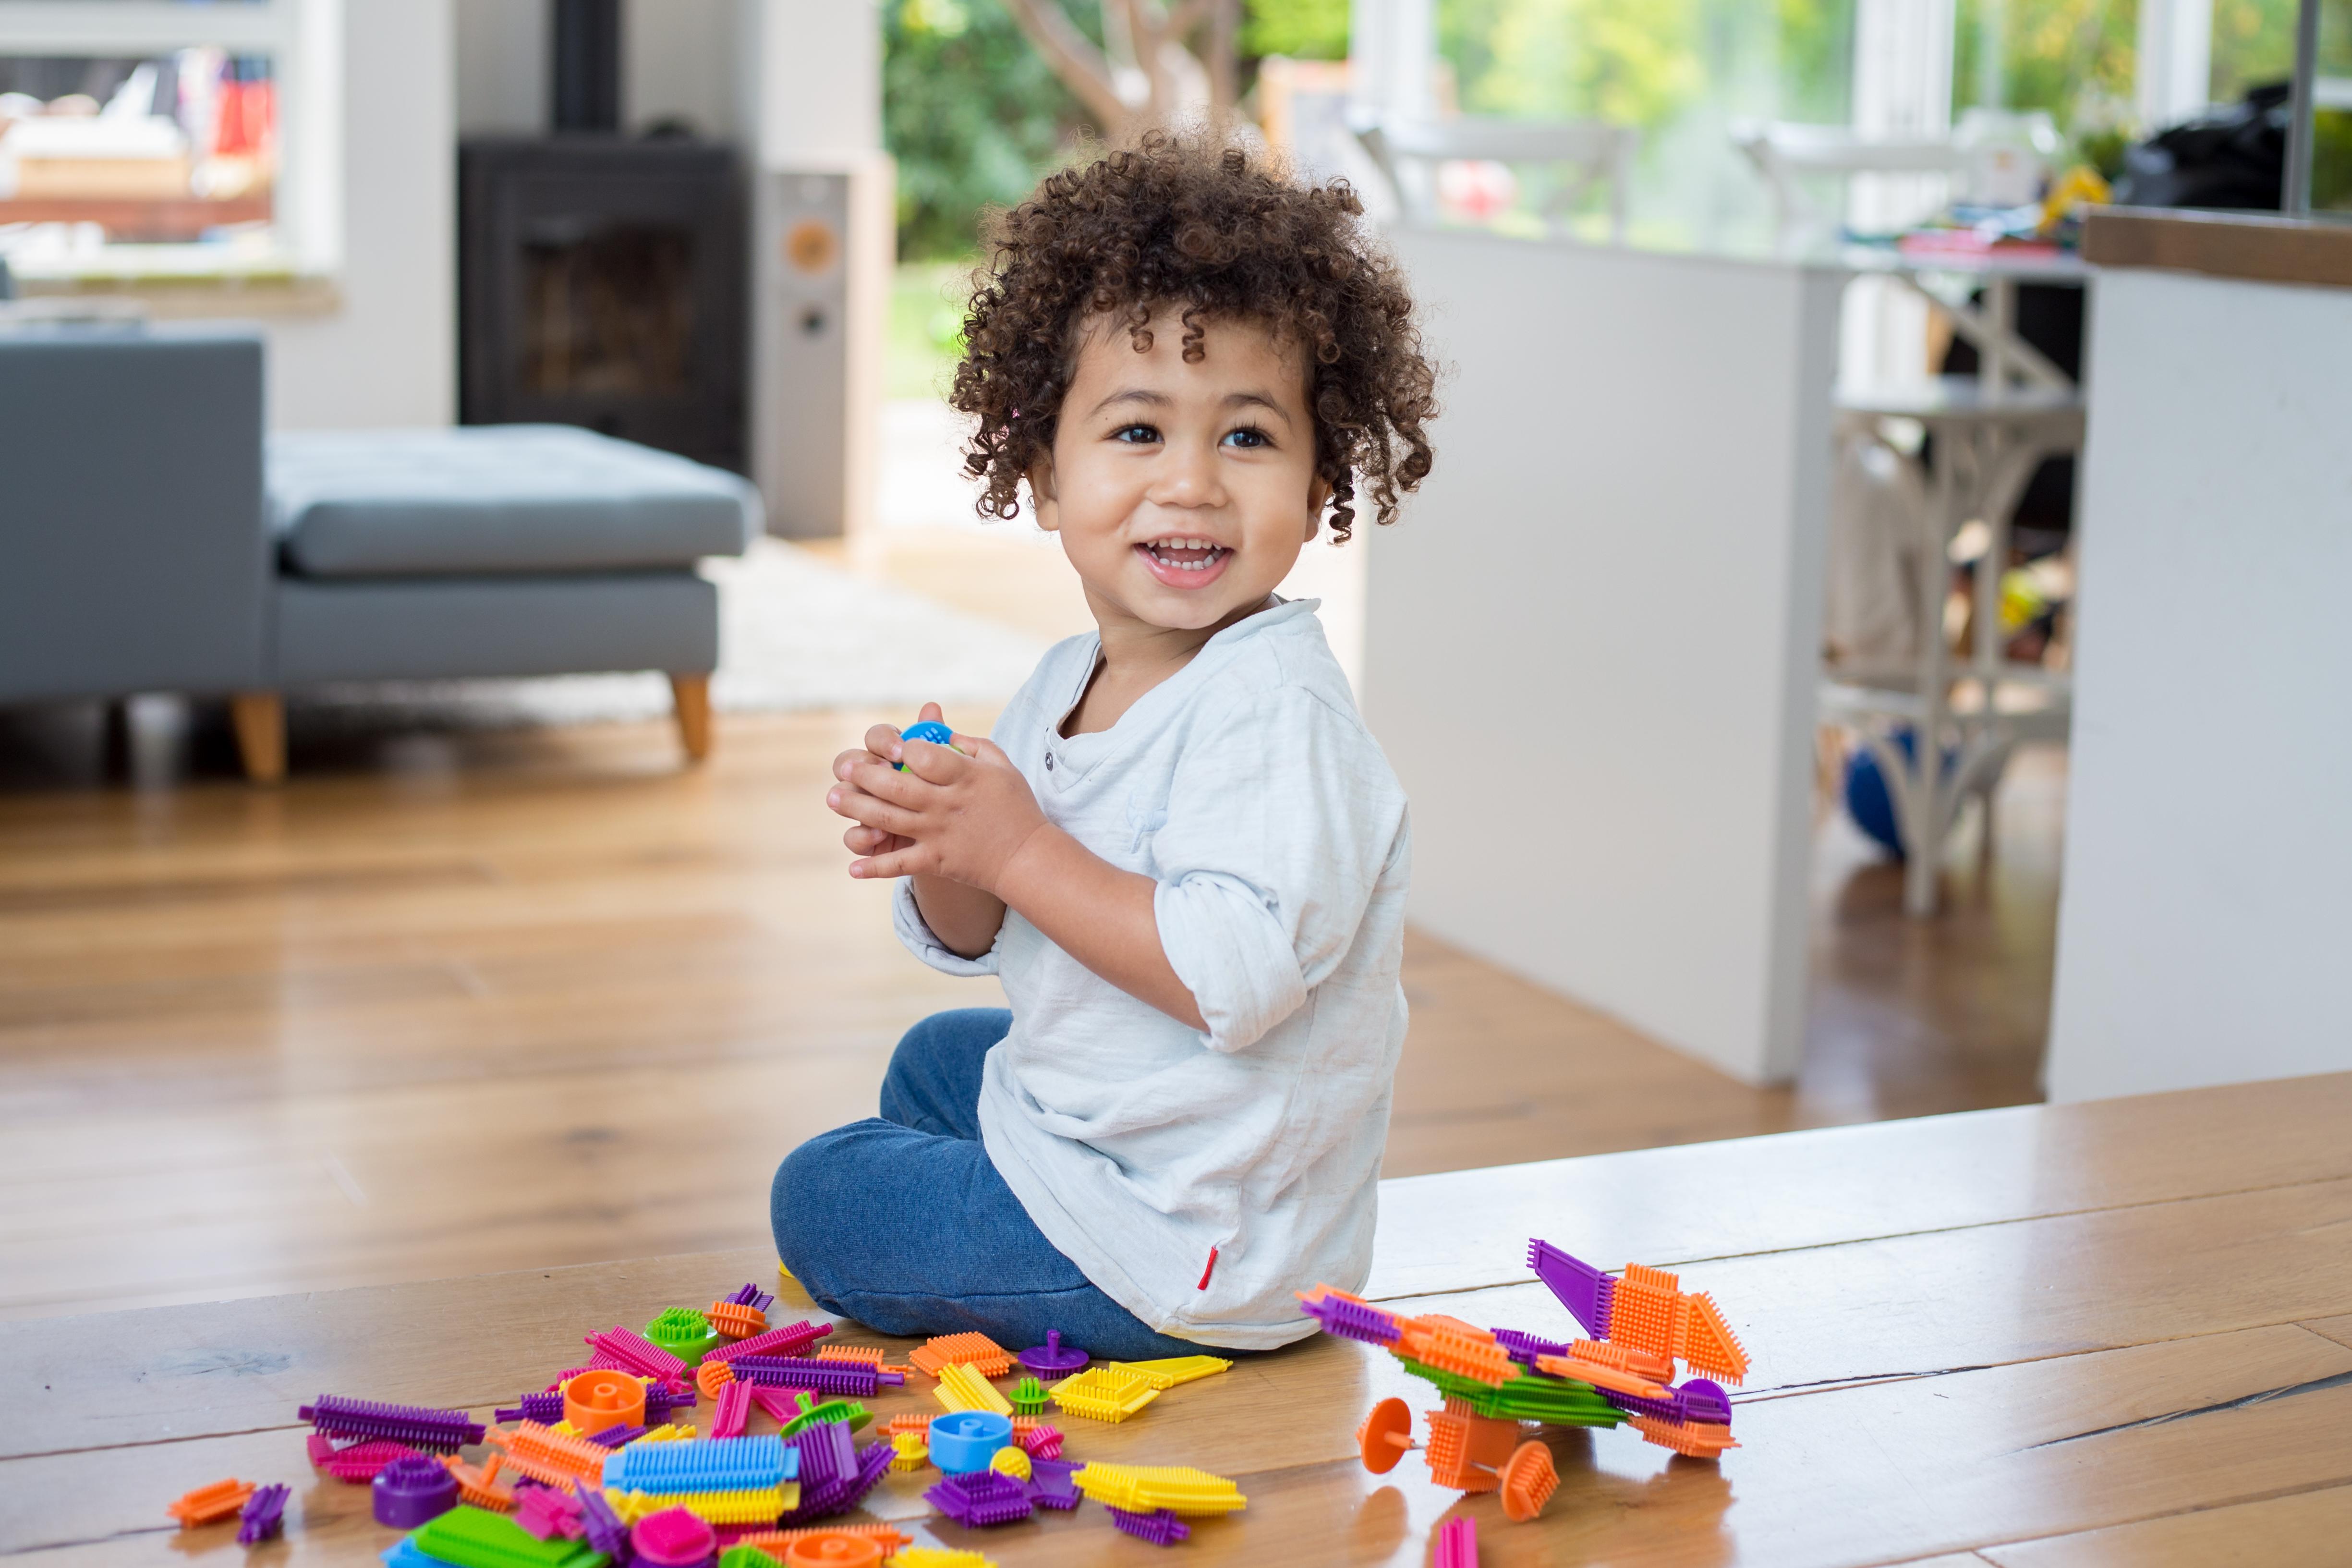 אדיושייפ - צעצועי התפתחות